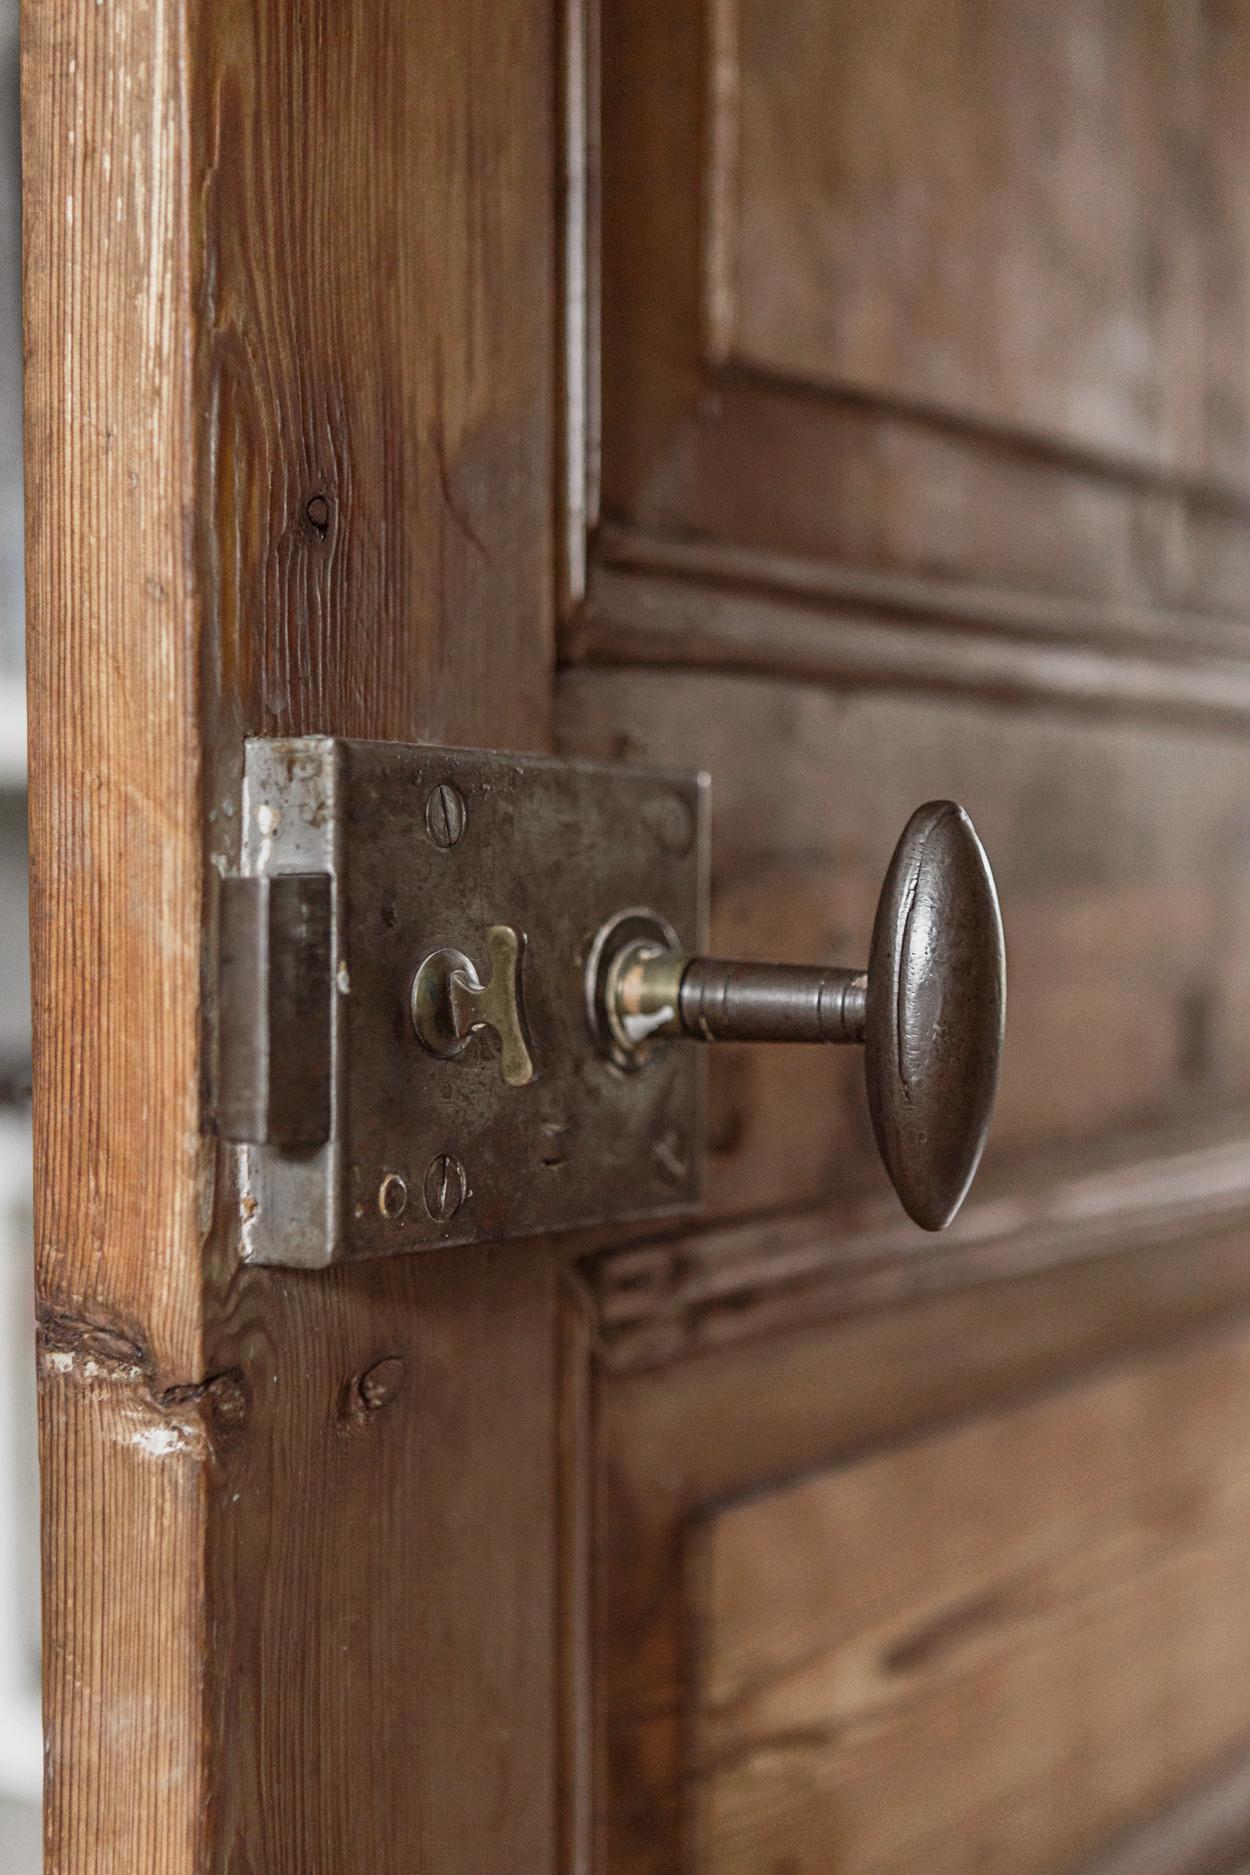 дверь филёнка дверная ручка замок